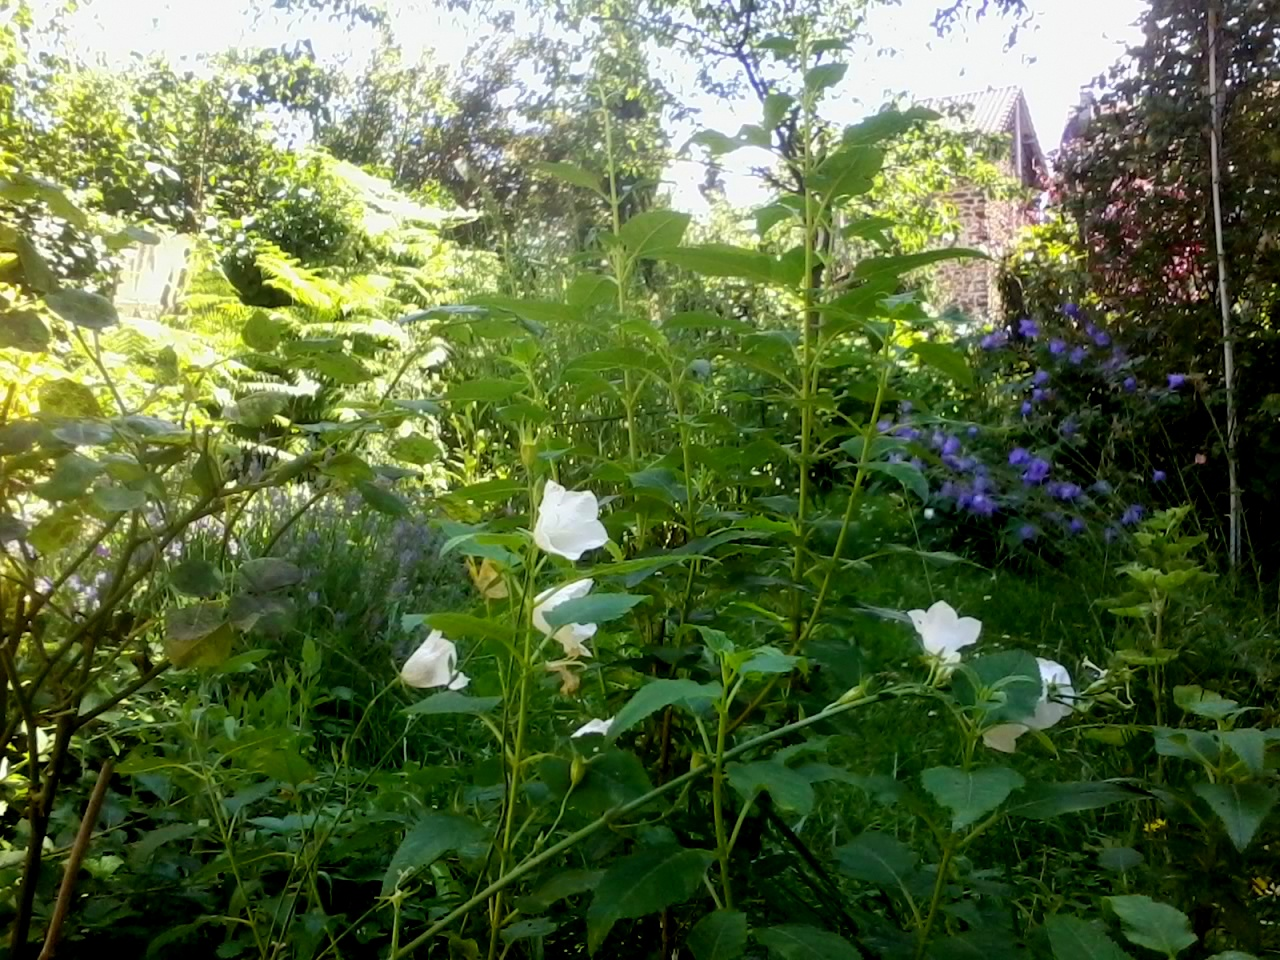 Jardin d'Aulnay-sous-Bois